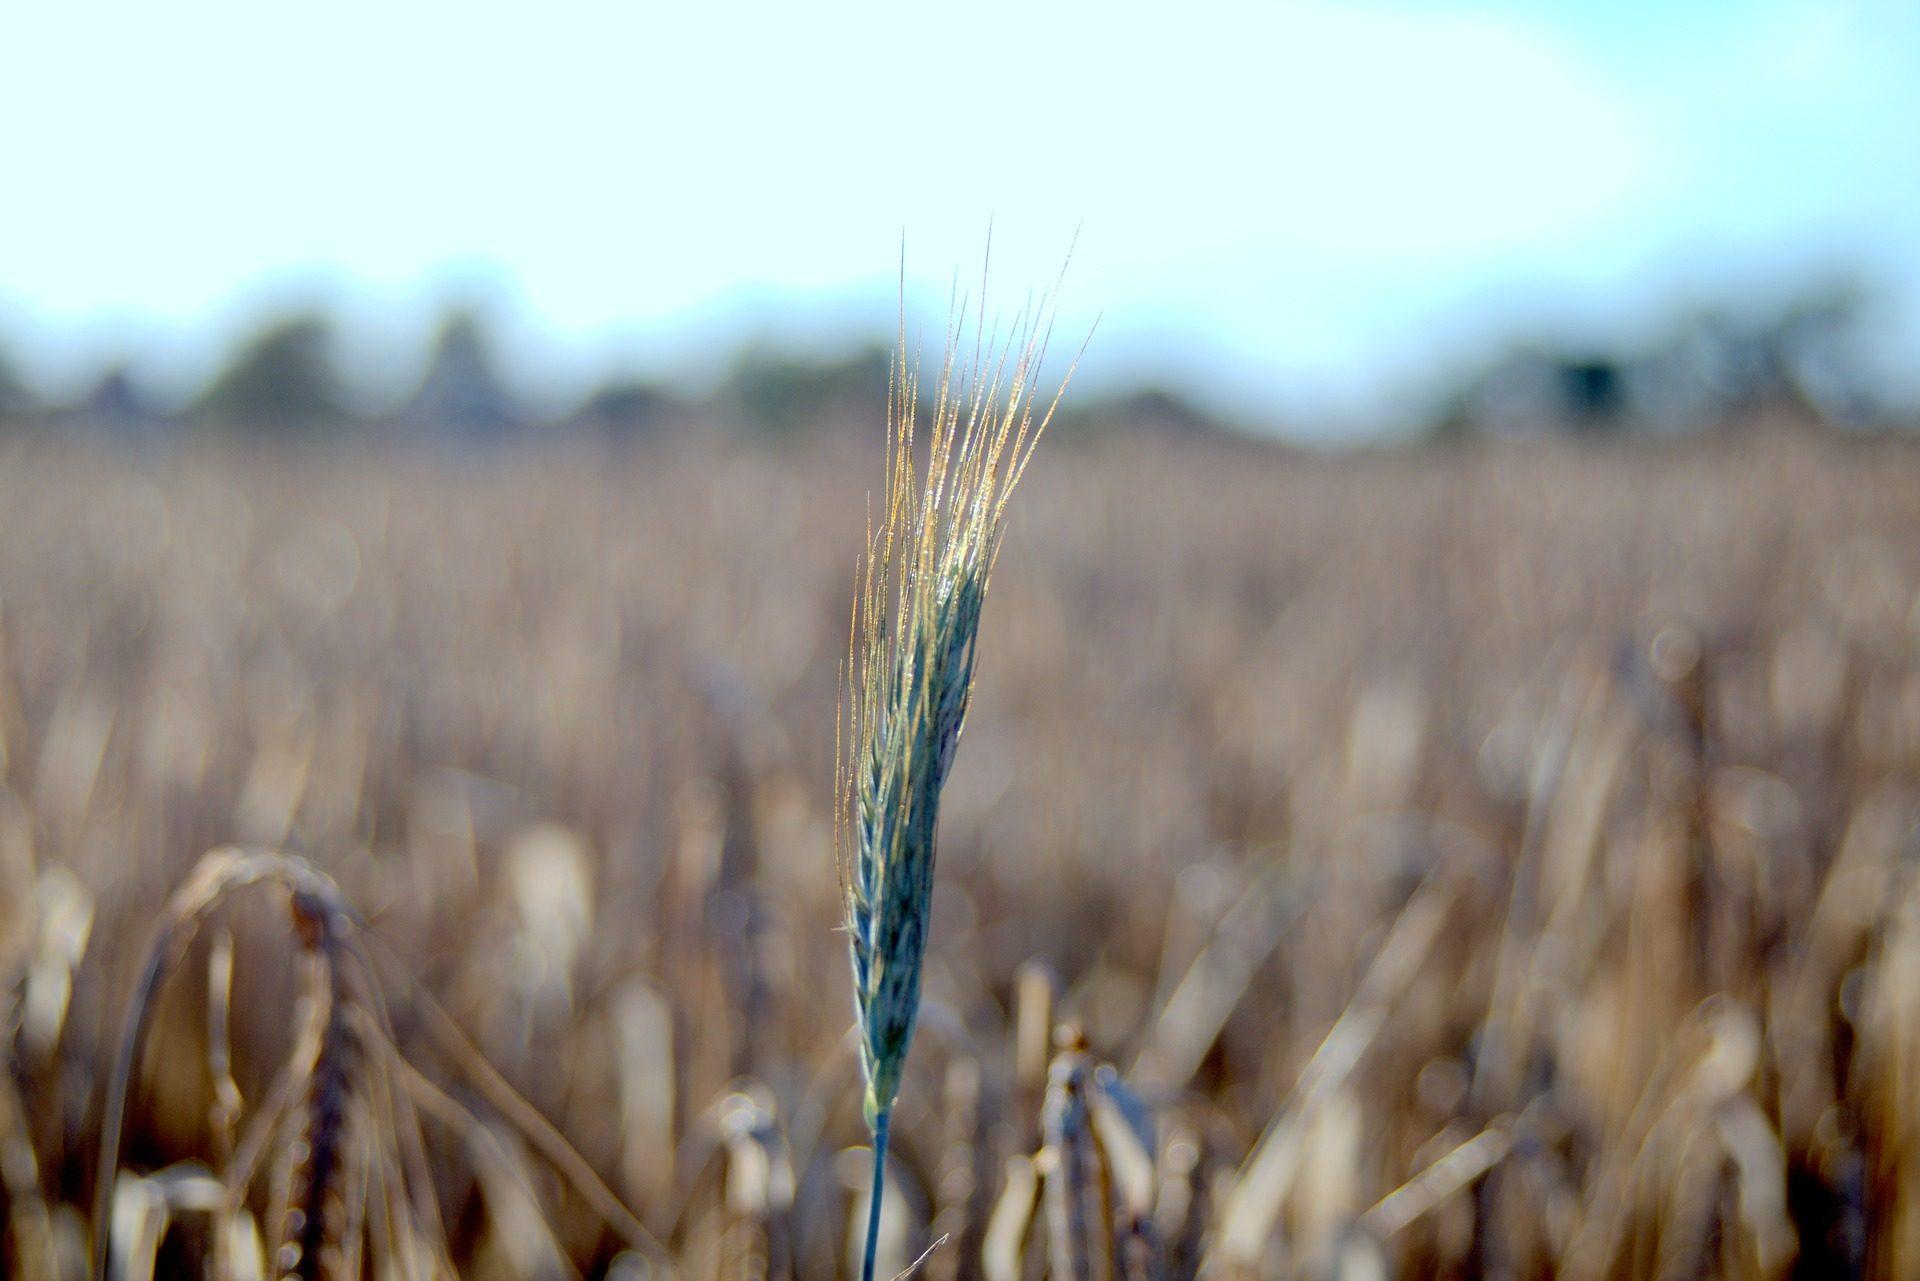 تانغ, القمح, مزرعة, الميدان, زراعة - خلفيات عالية الدقة - أستاذ falken.com